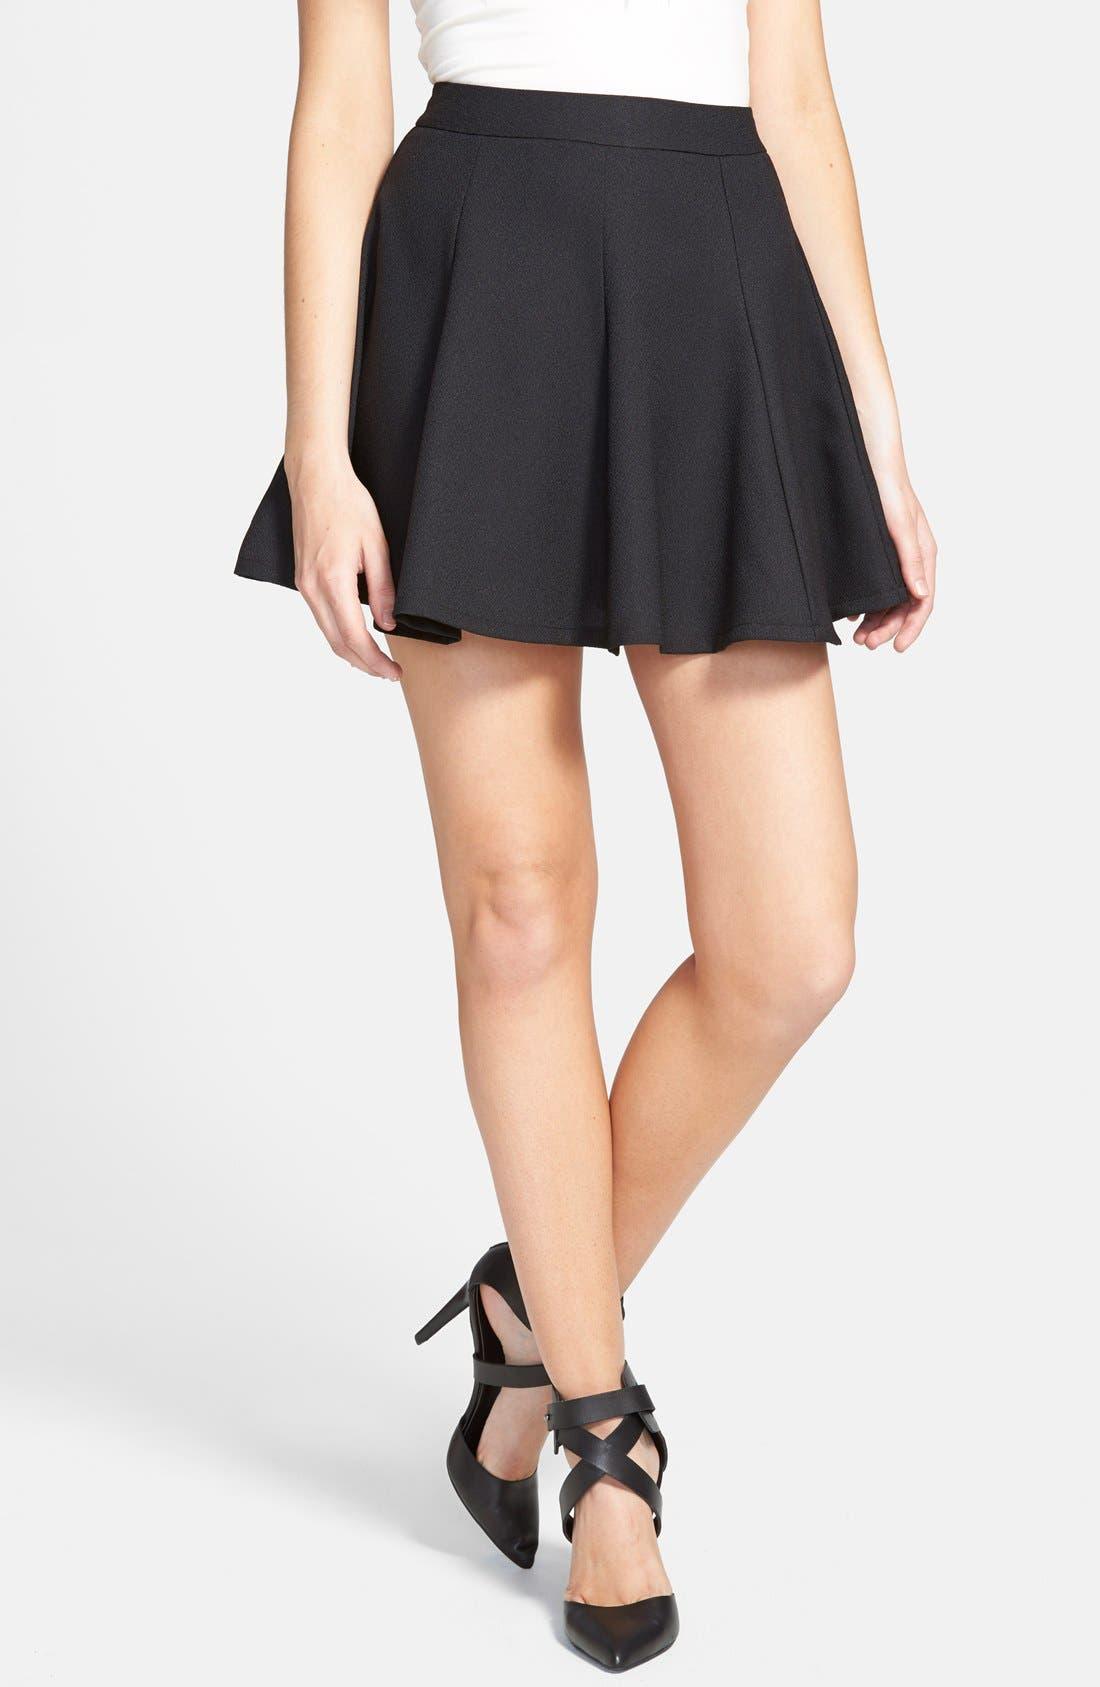 Alternate Image 1 Selected - Lush Skater Skirt